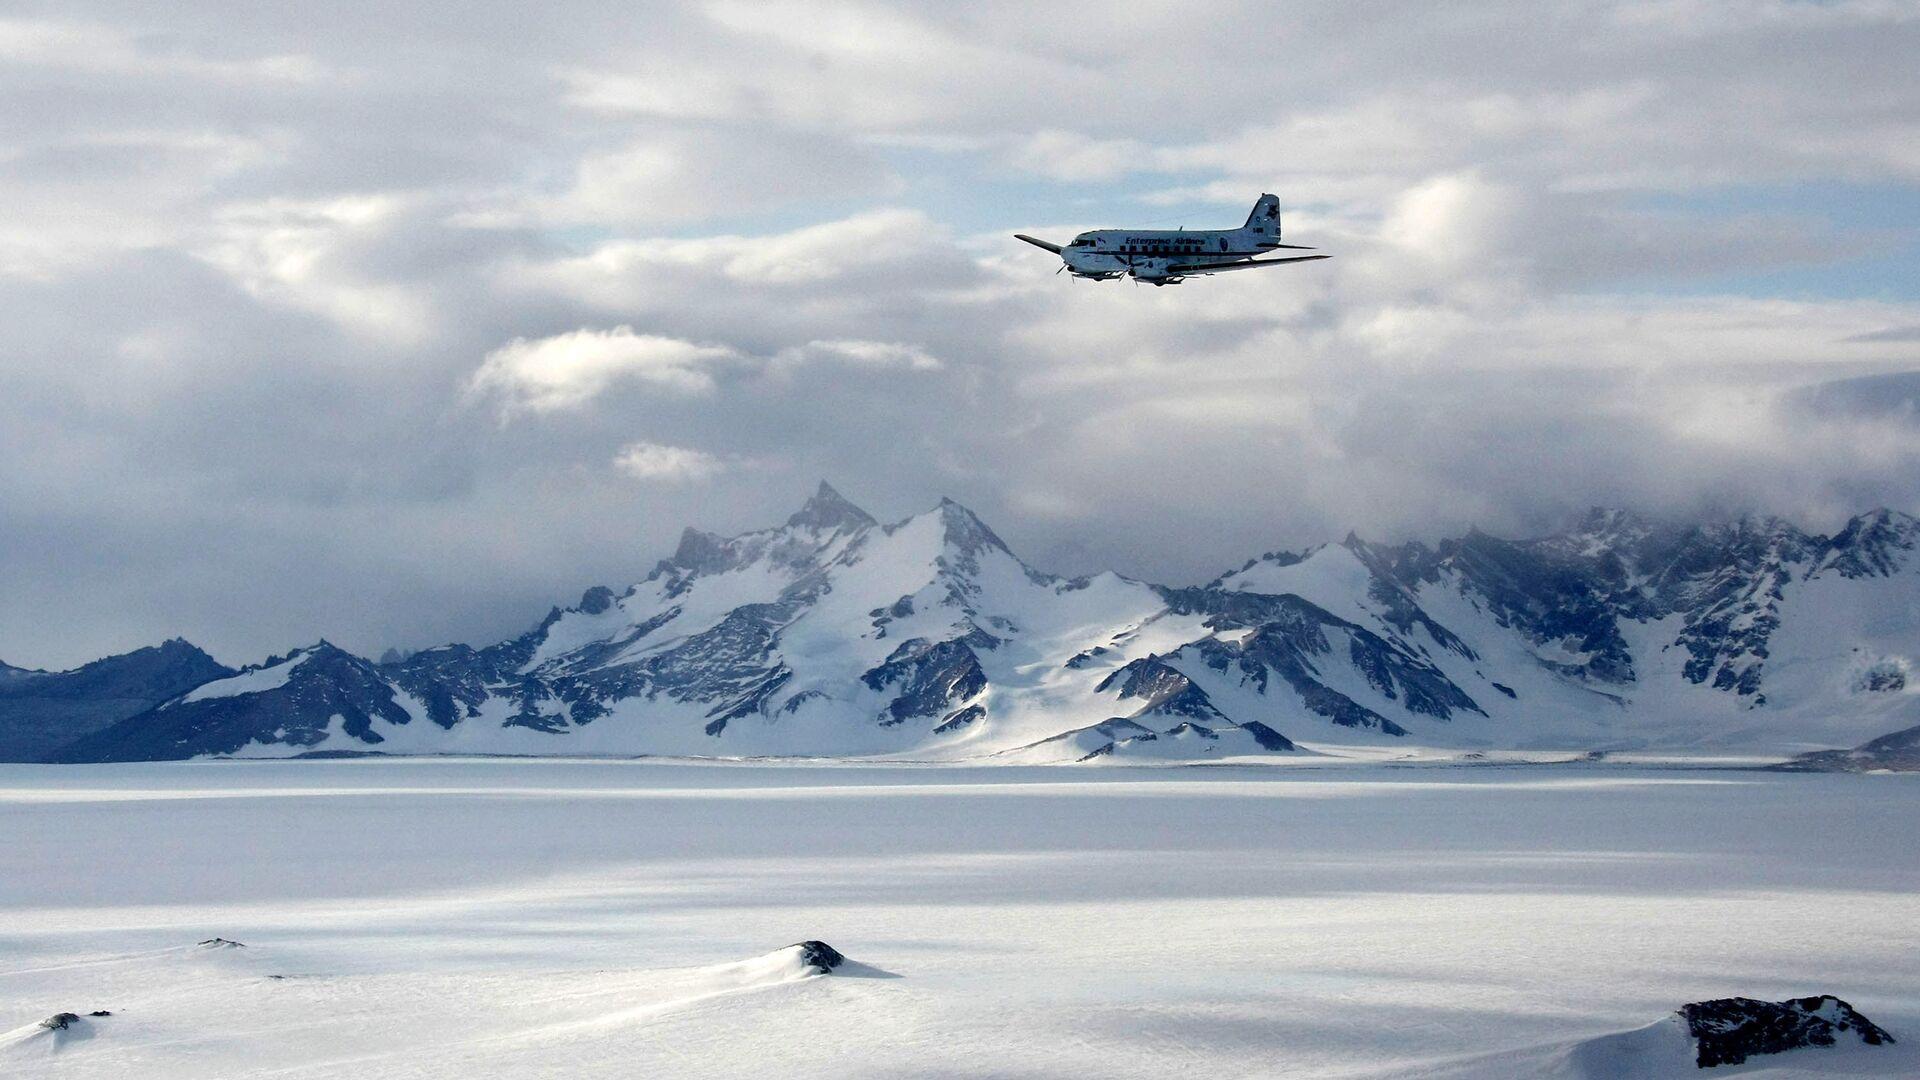 La catena montuosa Voltadt in Antartide, là si trova la stazione scientifica russa Novolazarevskaya - Sputnik Italia, 1920, 21.09.2021